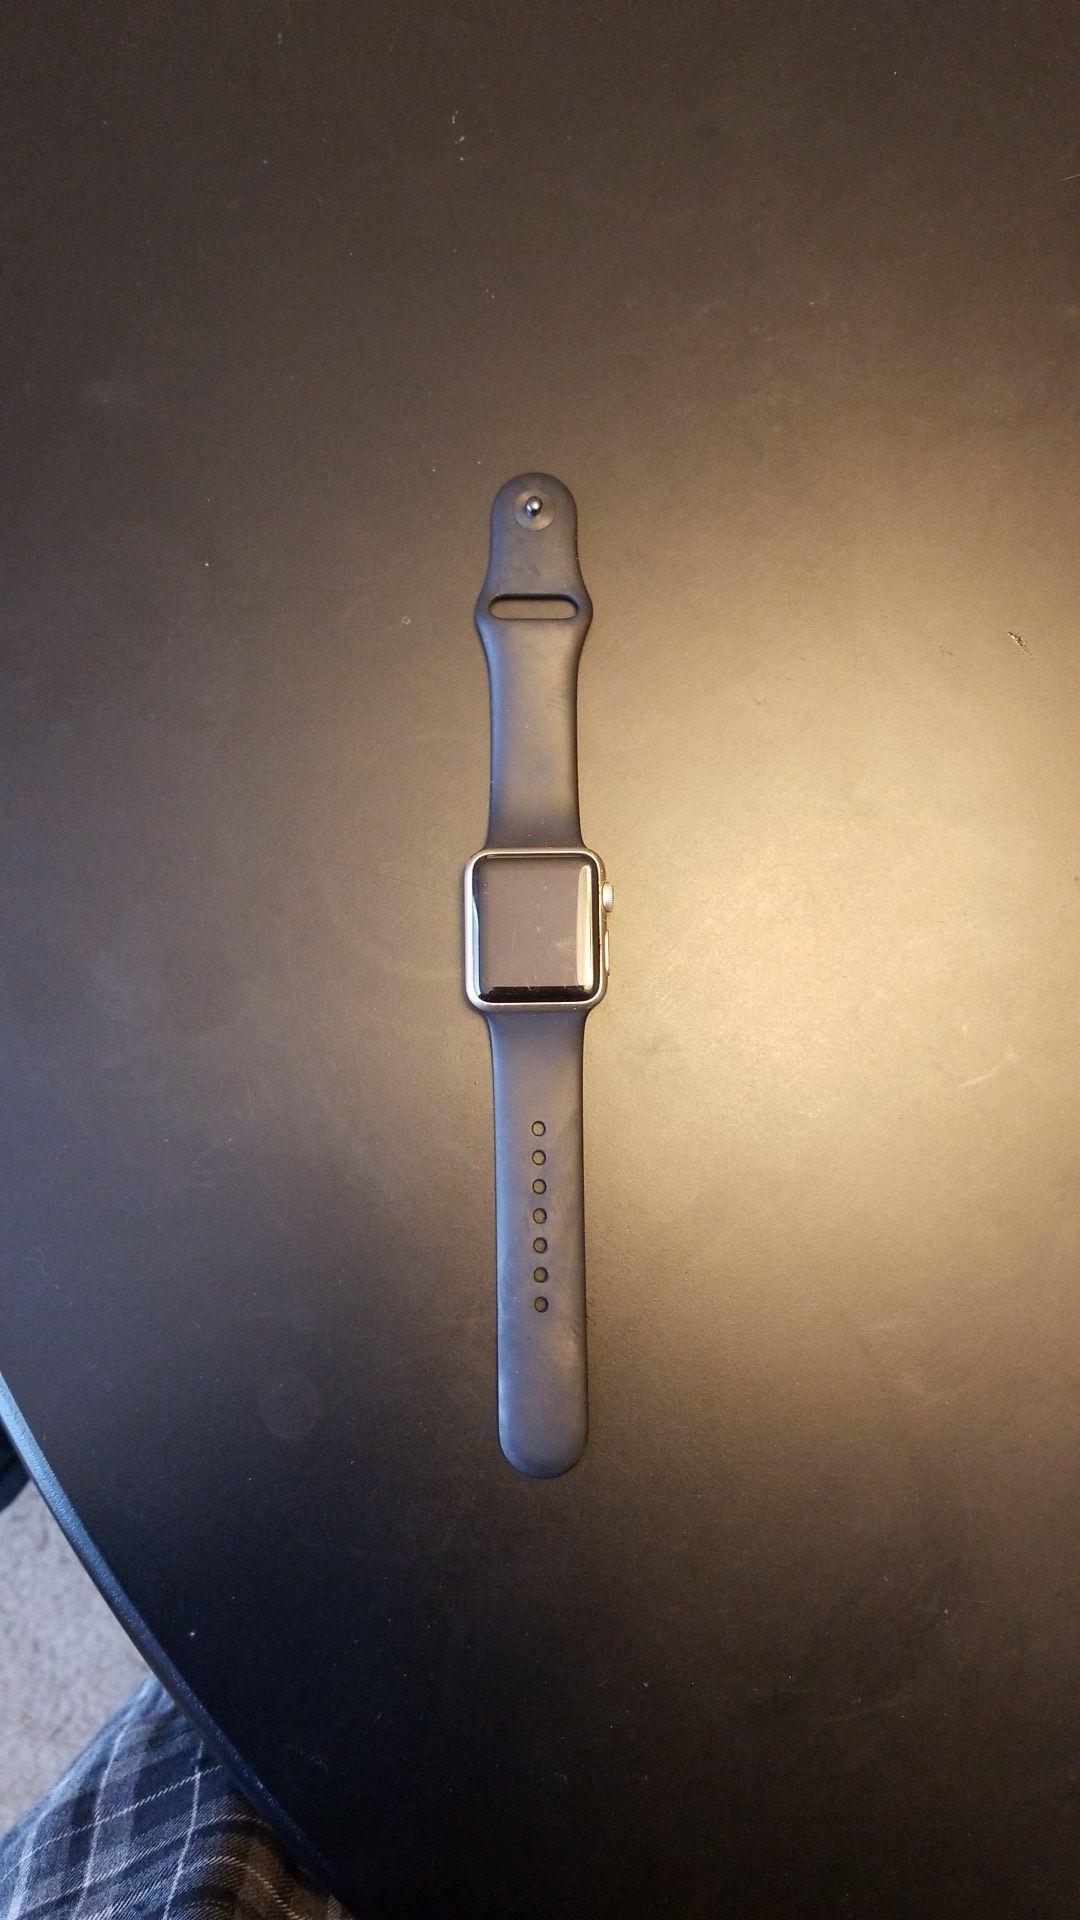 Apple watch gen 7 unlocked